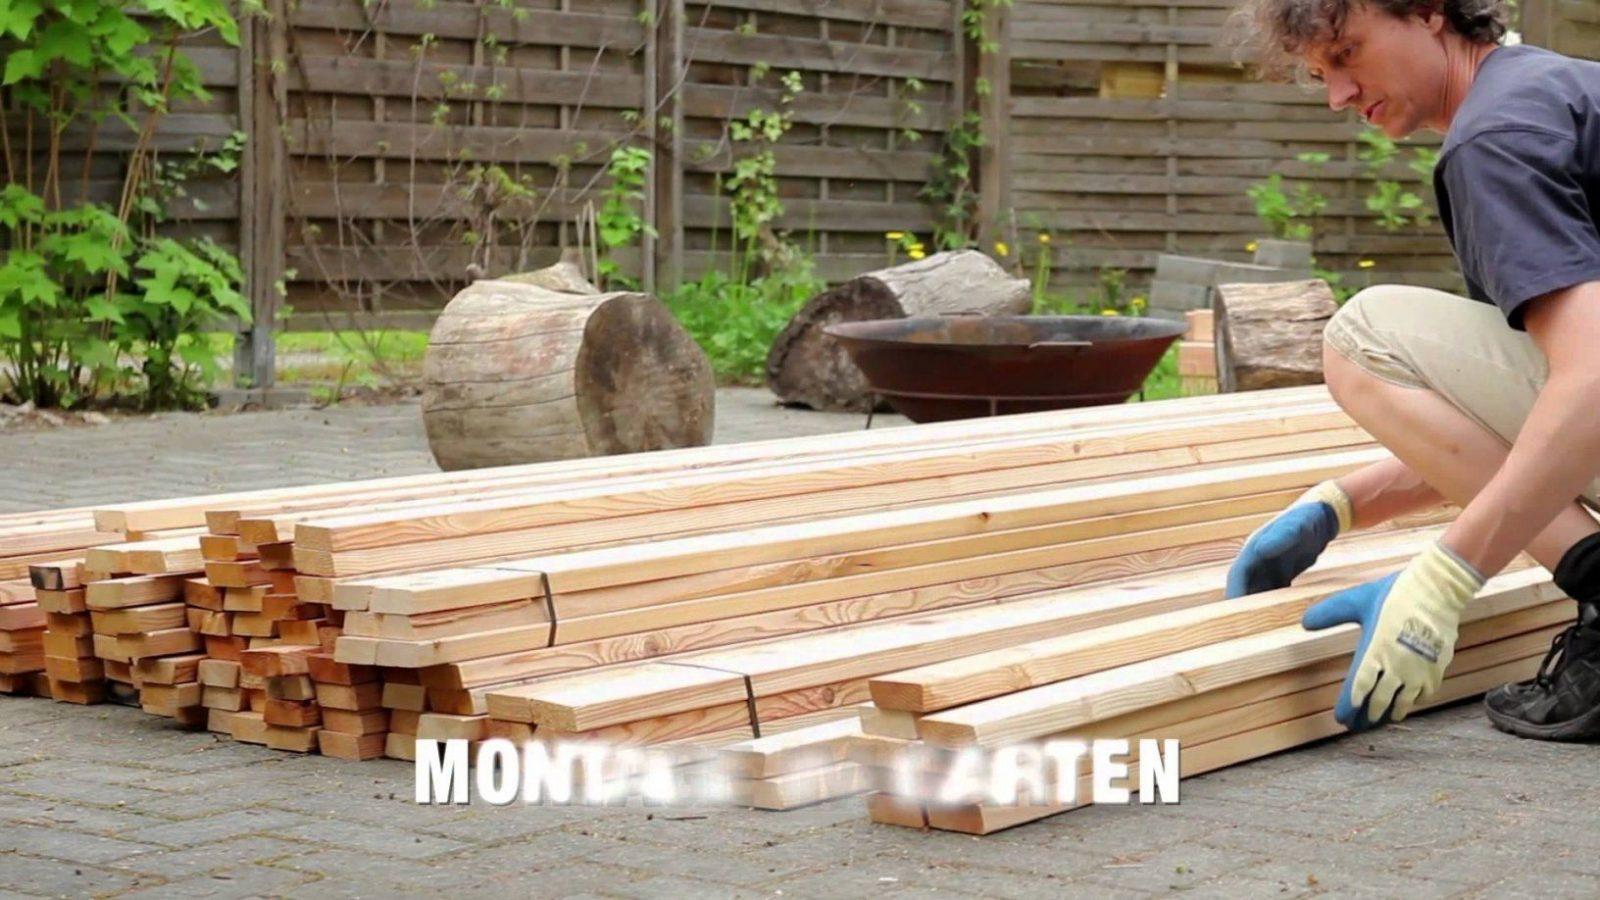 Bau Sichtschutzzaun Aus Rhombusleisten Sib Lärche  Youtube von Sichtschutz Lärche Selber Bauen Bild